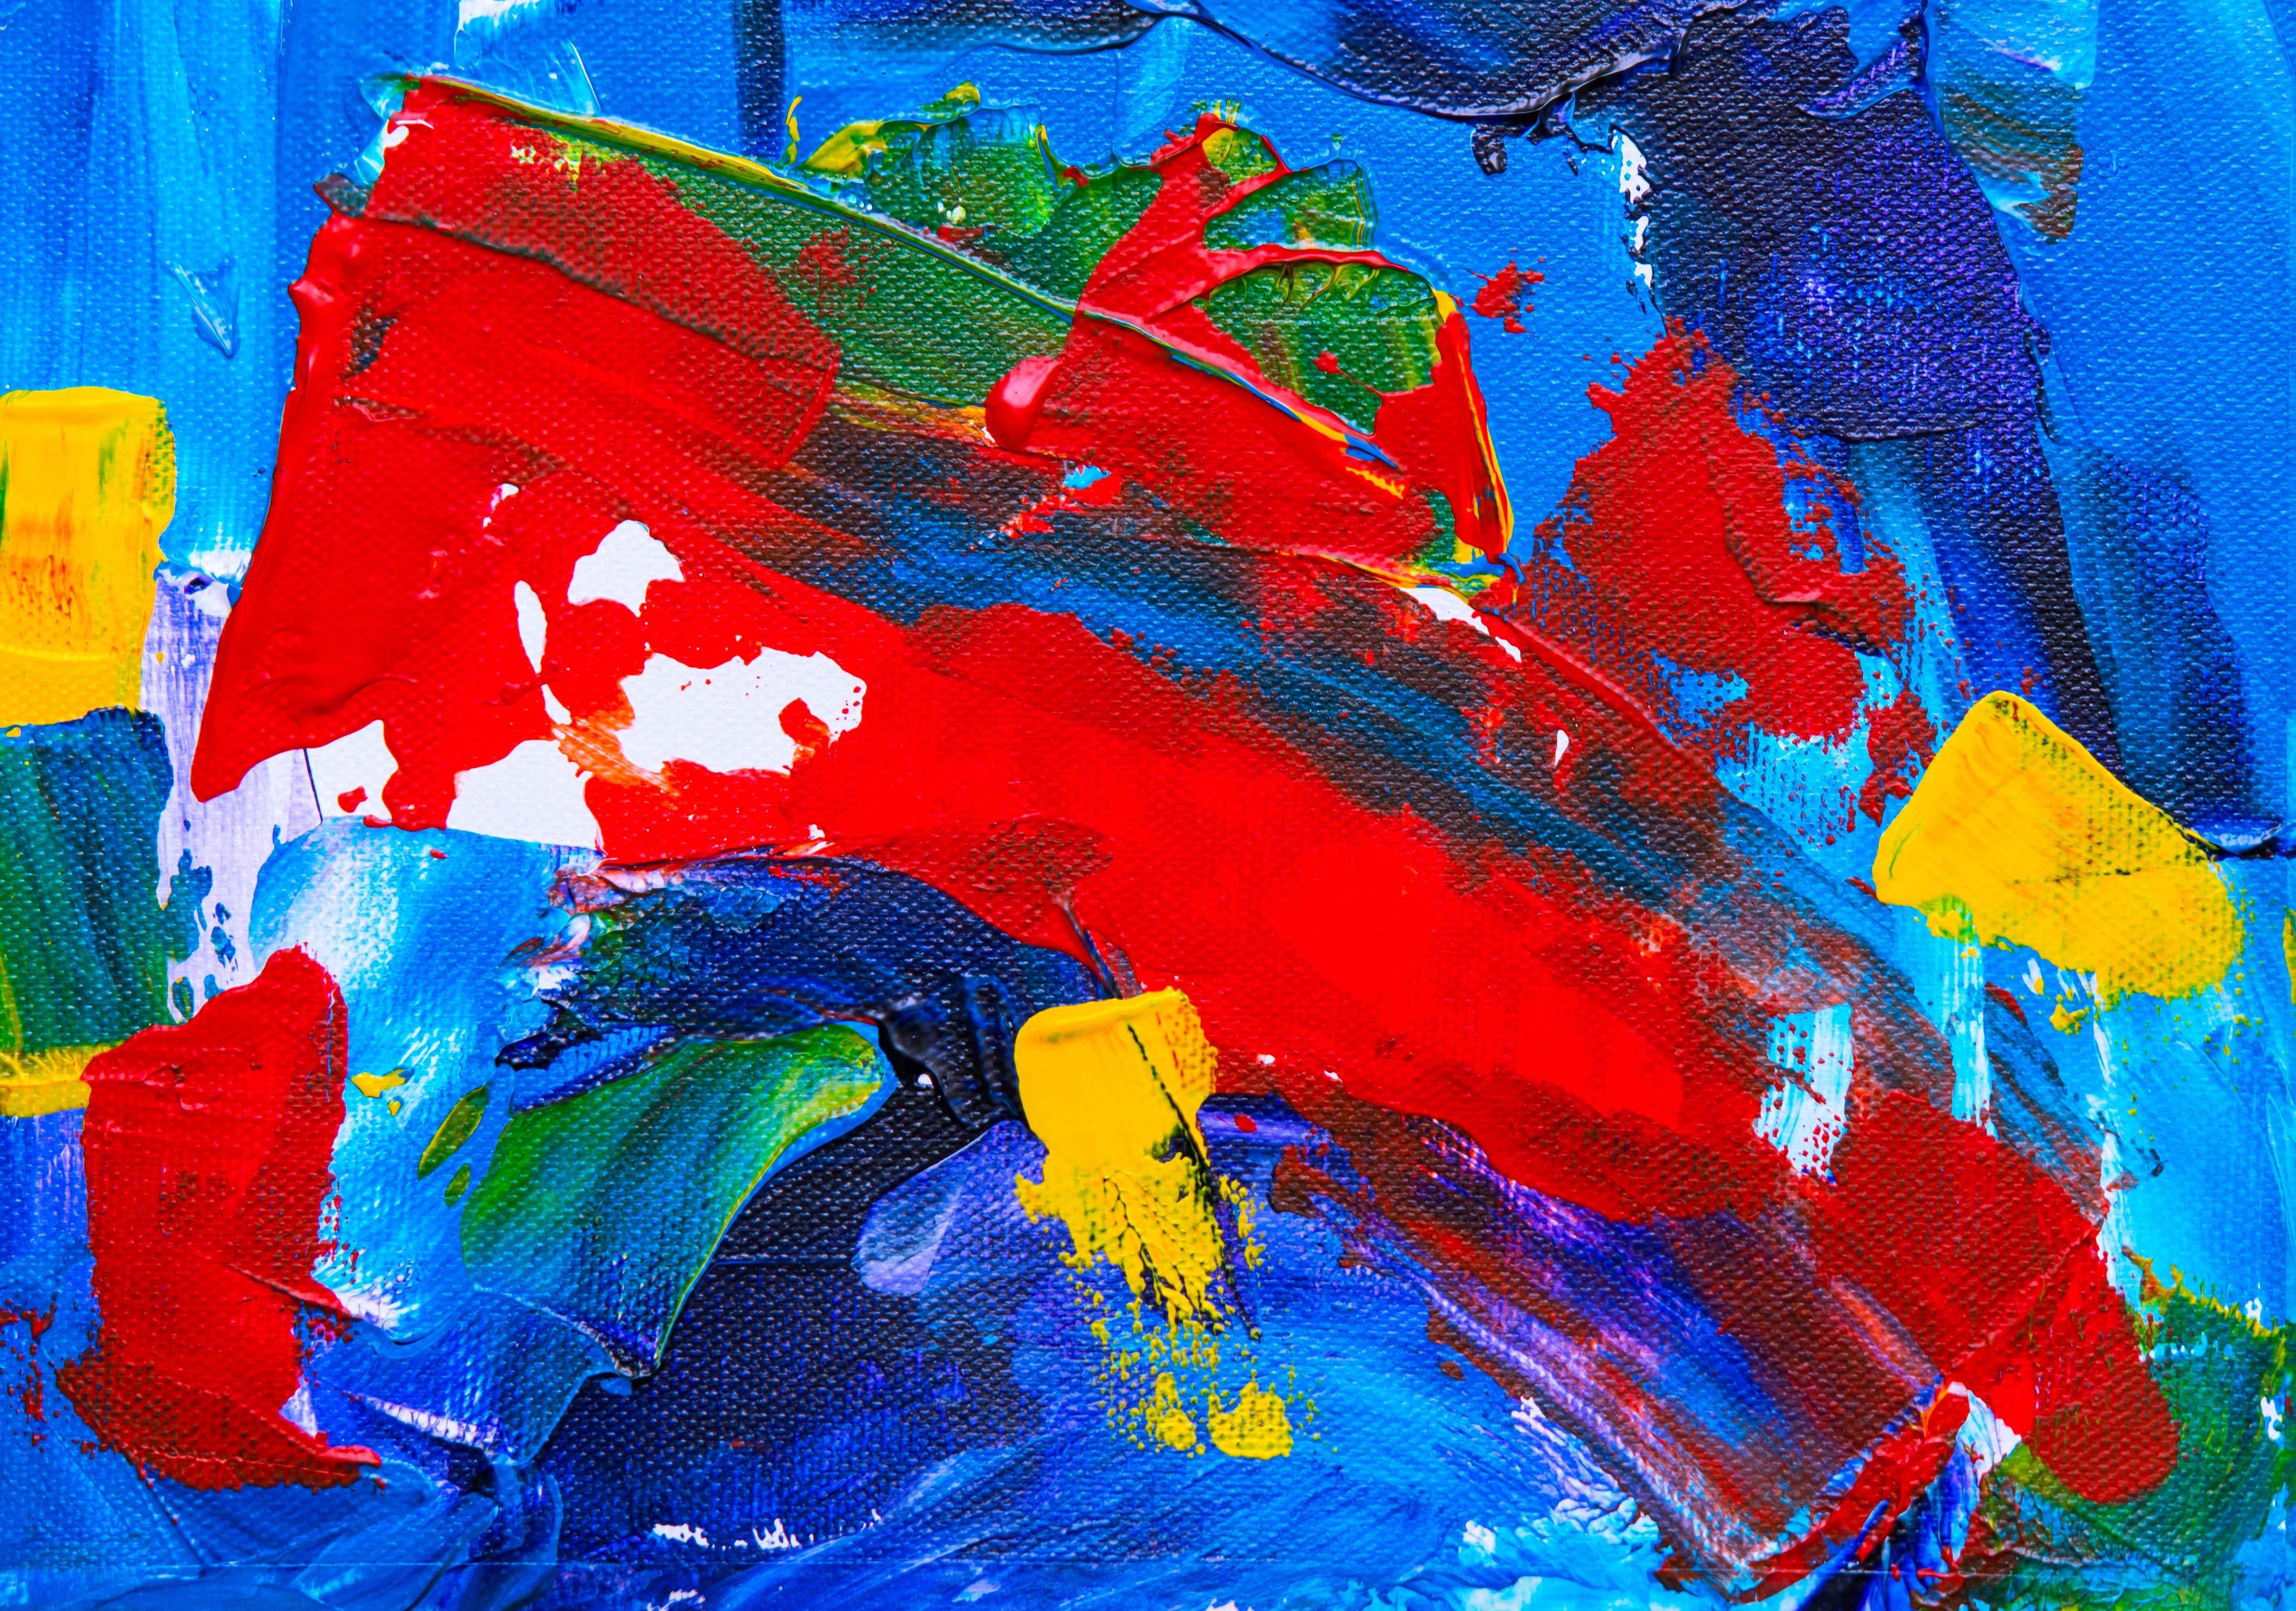 Betere Gratis Afbeeldingen : schilderij, moderne kunst, acrylverf, kind TT-84